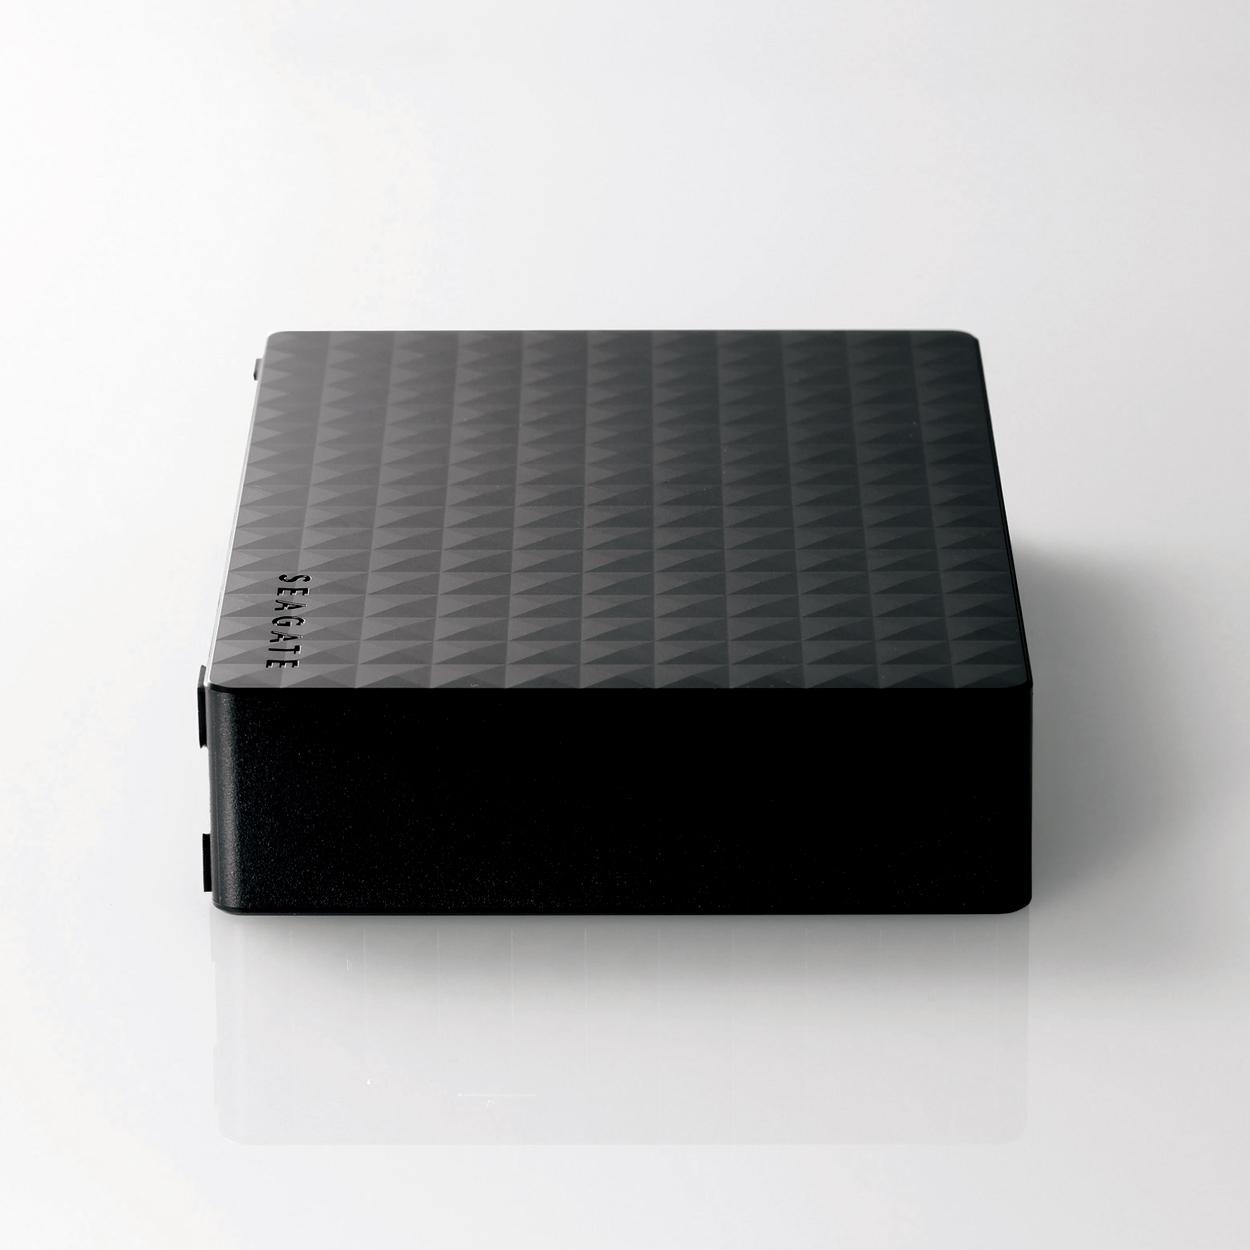 3.5インチHDD MY 4TB(ブラック)